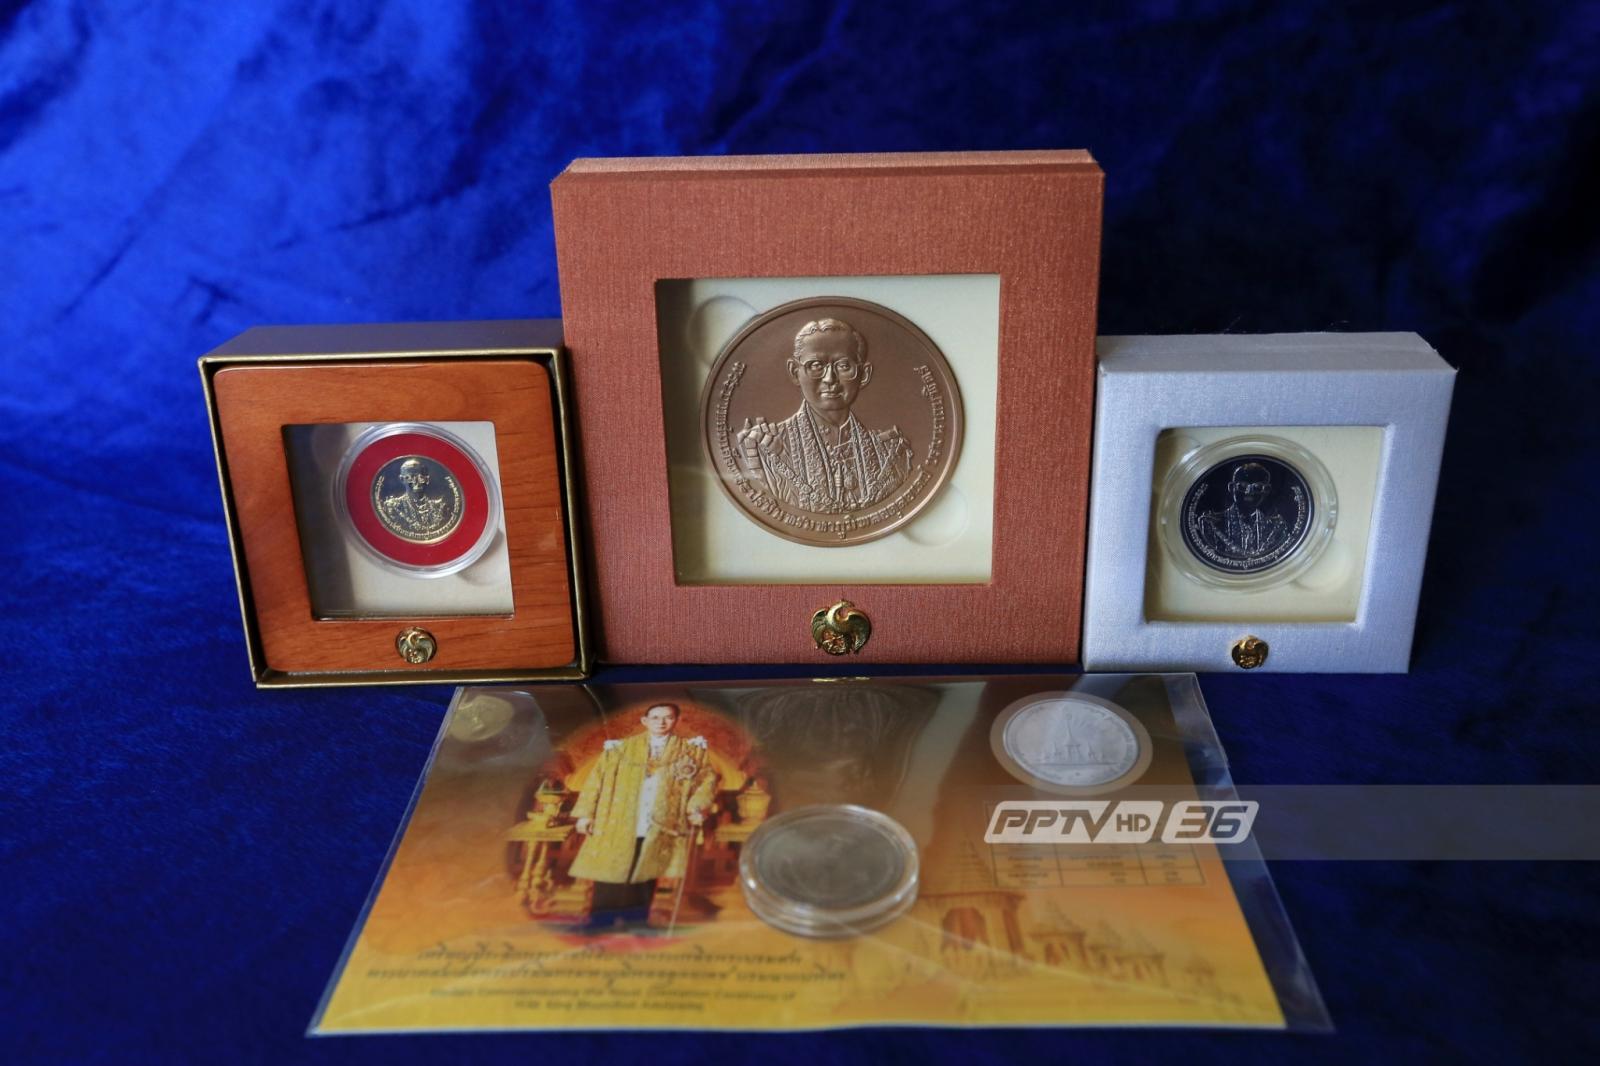 ปชช.แห่จองเหรียญที่ระลึก ร.9 แน่นกรมธนารักษ์